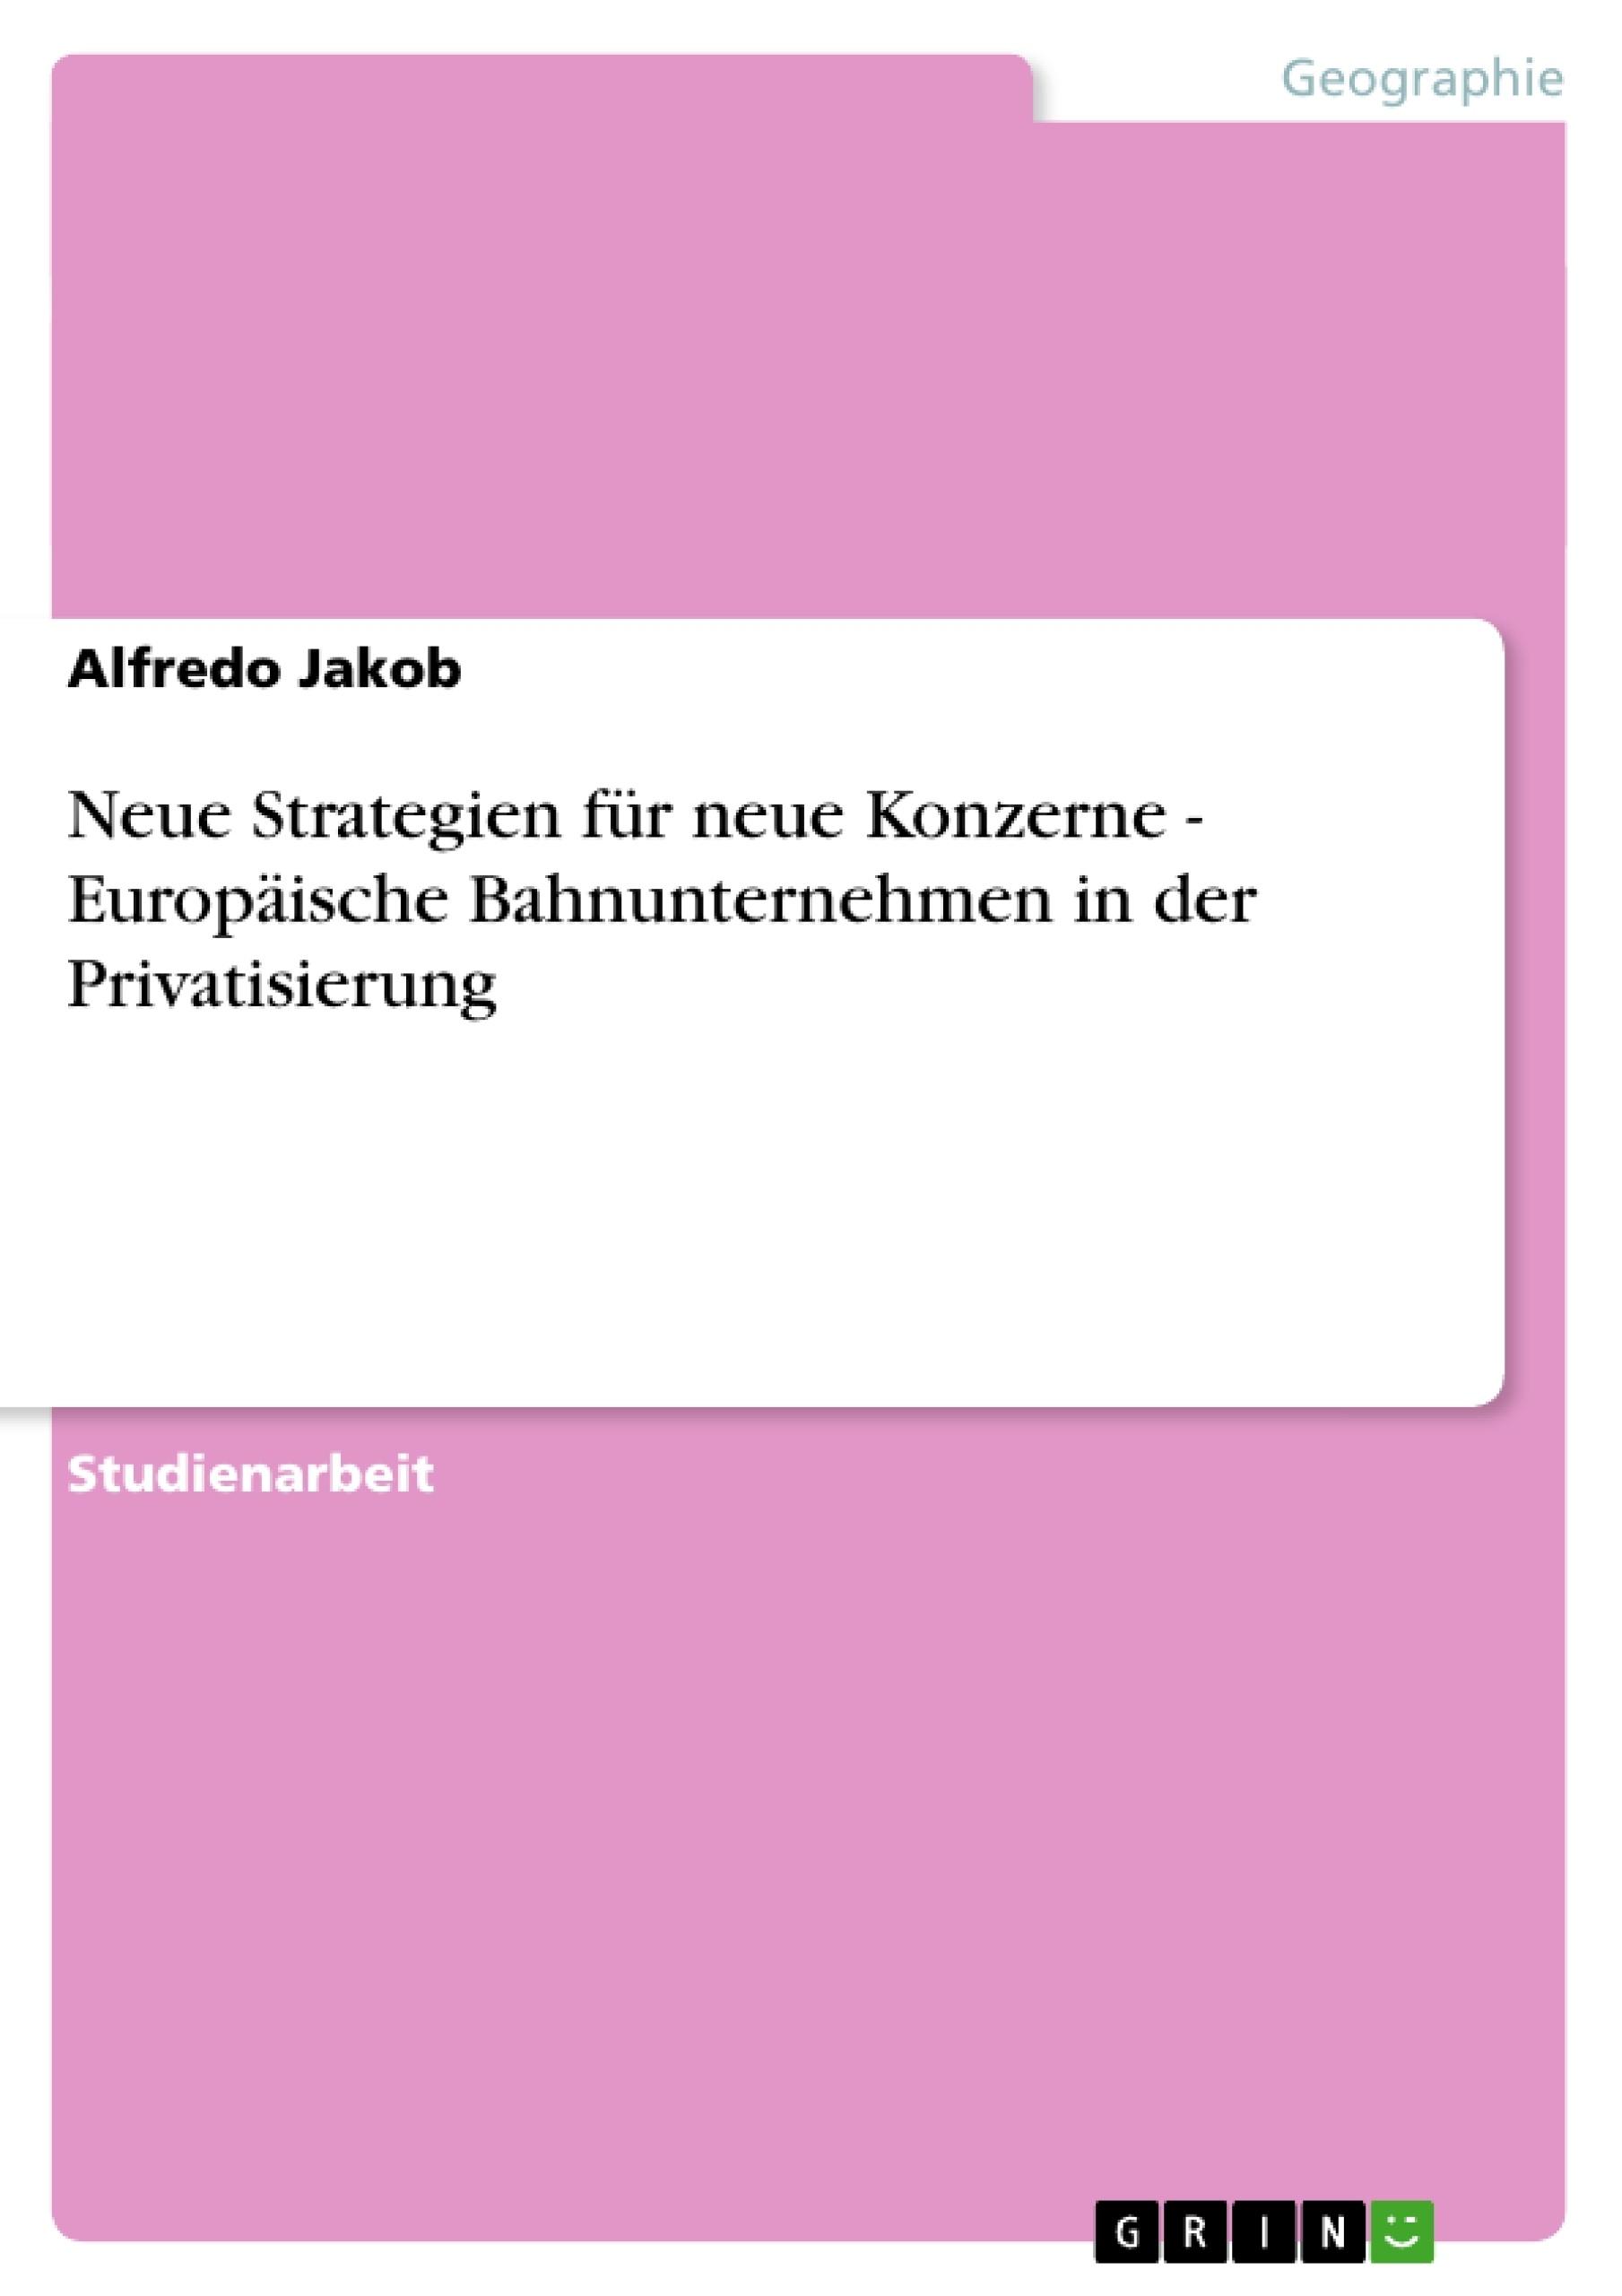 Titel: Neue Strategien für neue Konzerne - Europäische Bahnunternehmen in der Privatisierung